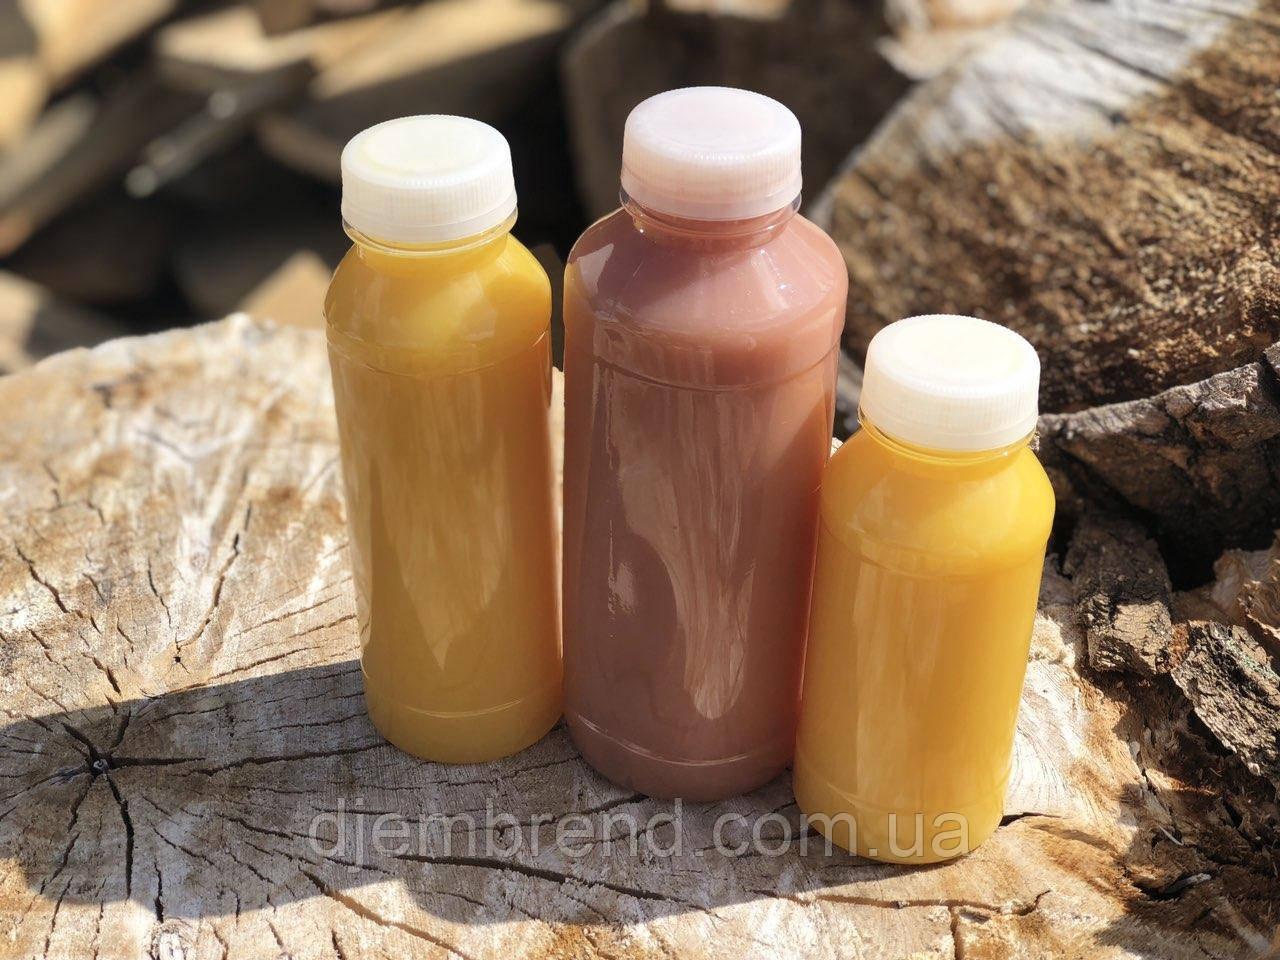 Бутылка пластиковая под соки, смузи и фрешы 500 мл. Доставка по Киеву от 200 штук в упаковке.